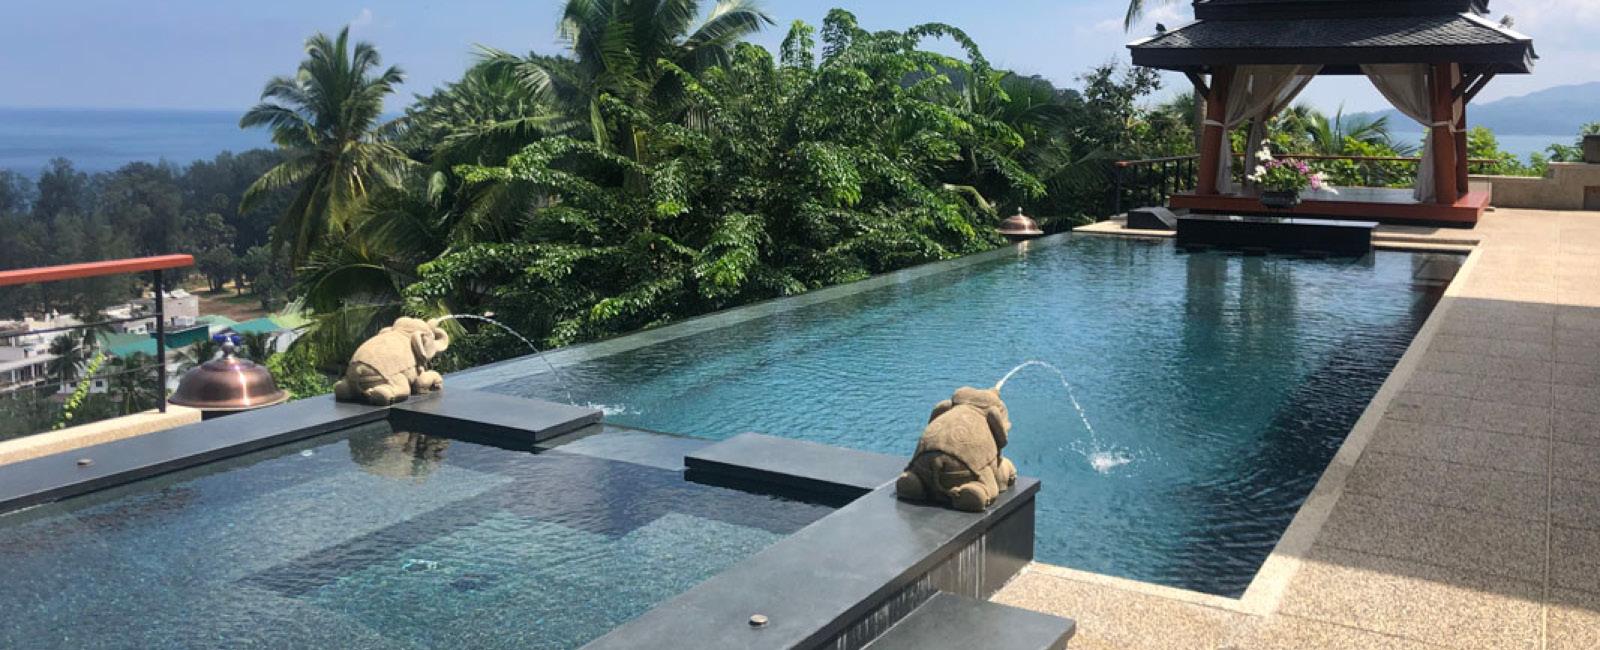 Paradise Pool Interiors Sliders 4